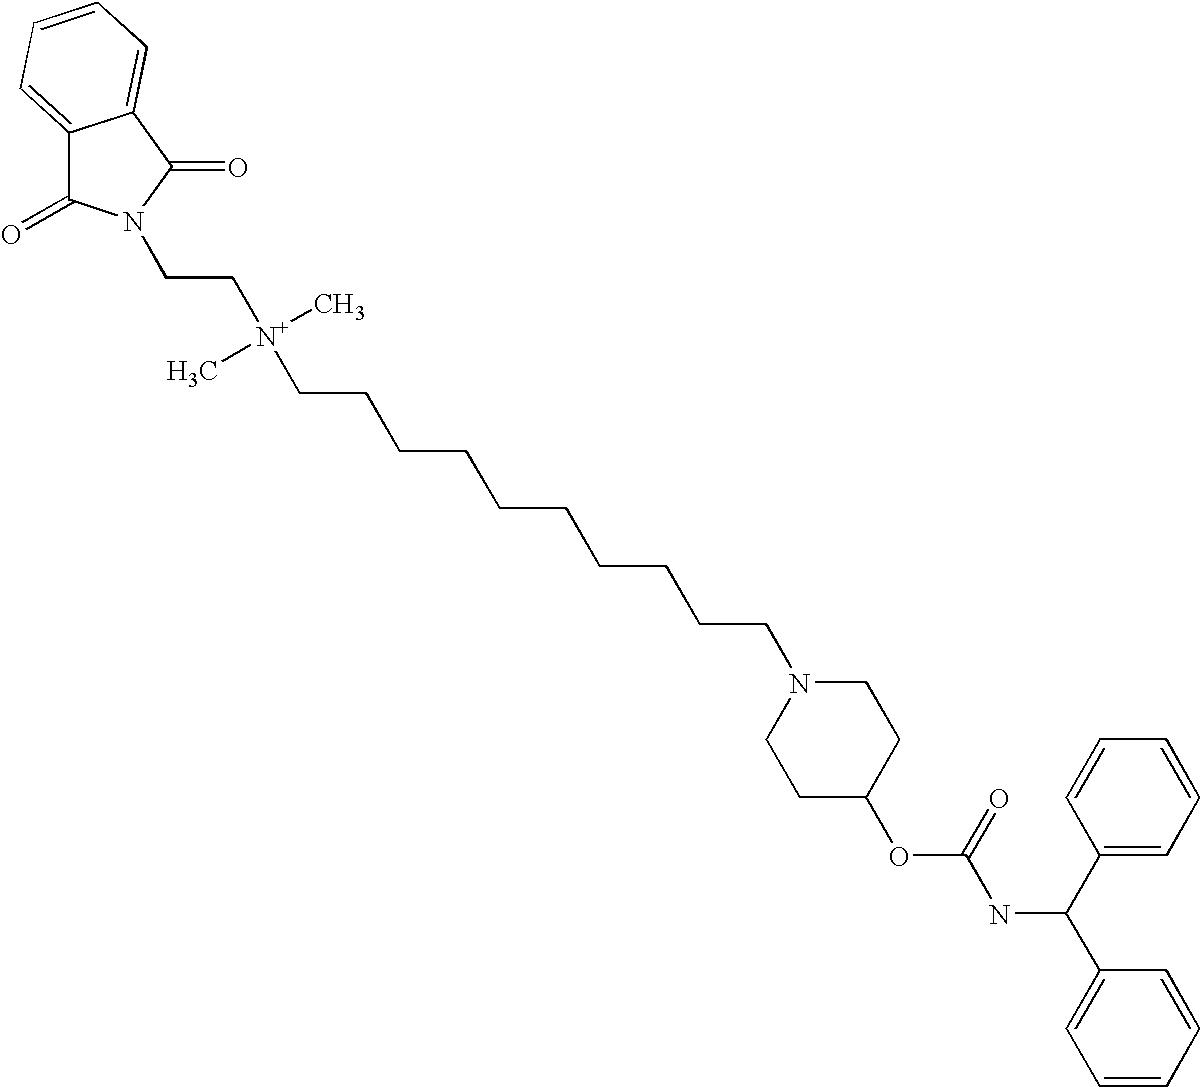 Figure US06693202-20040217-C00641